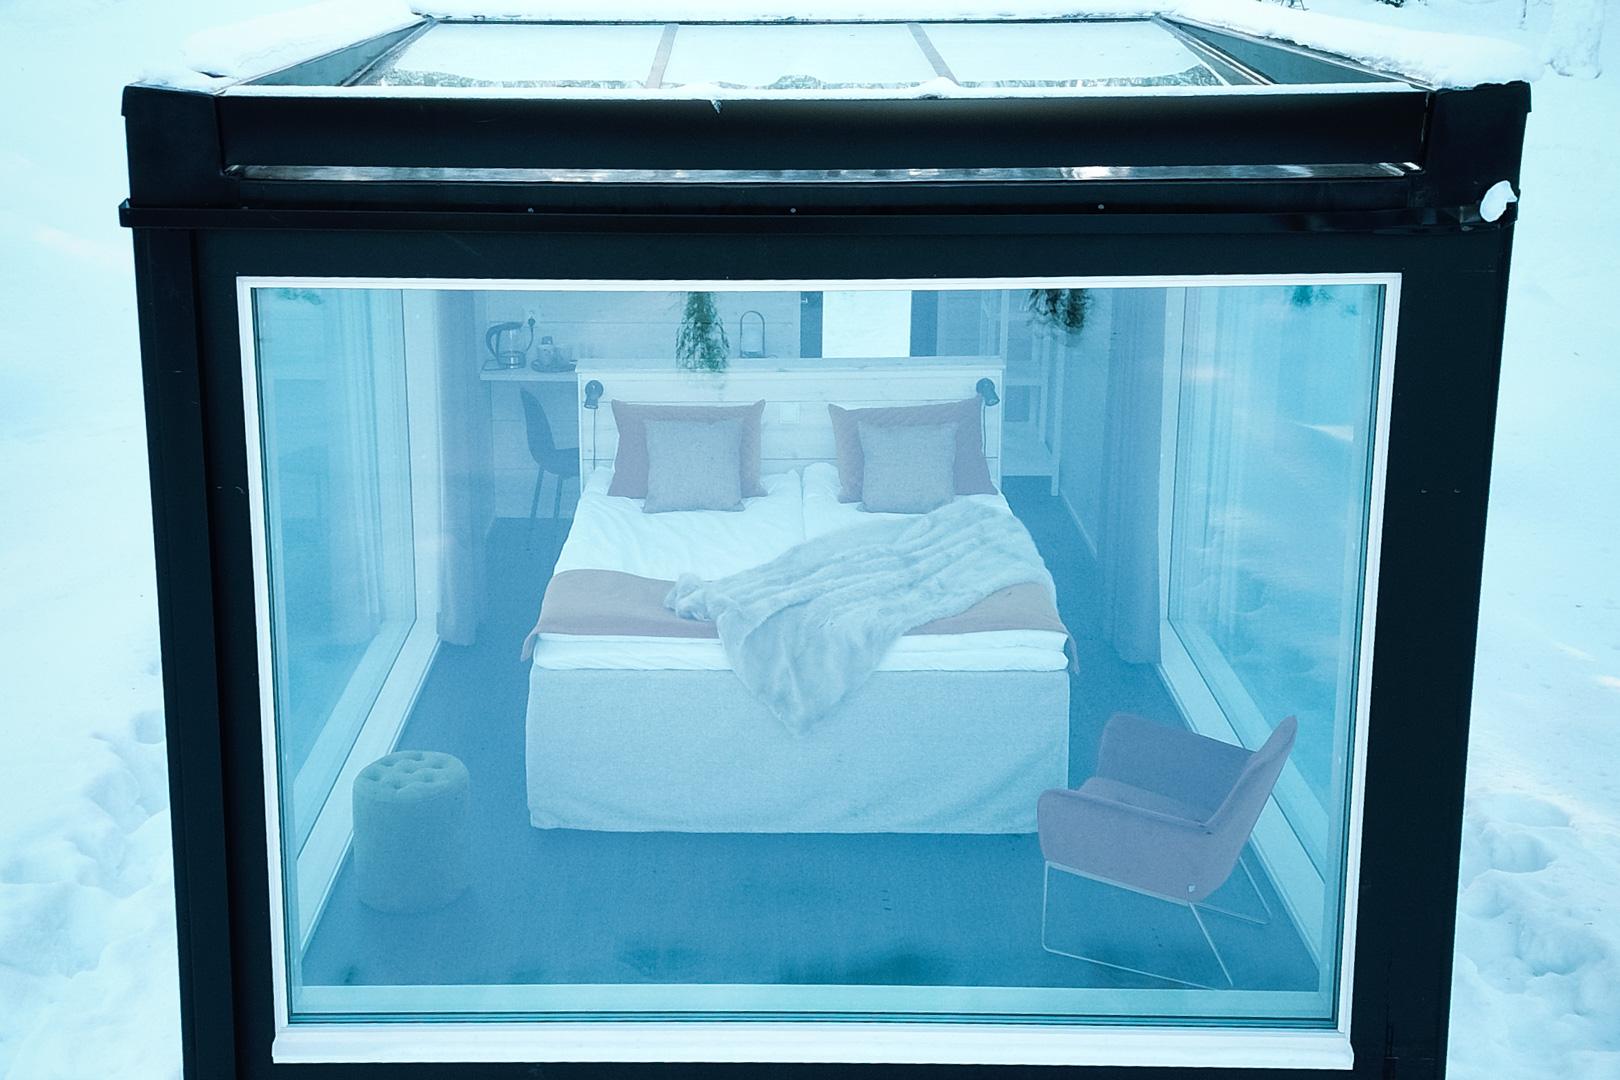 Modern amenities